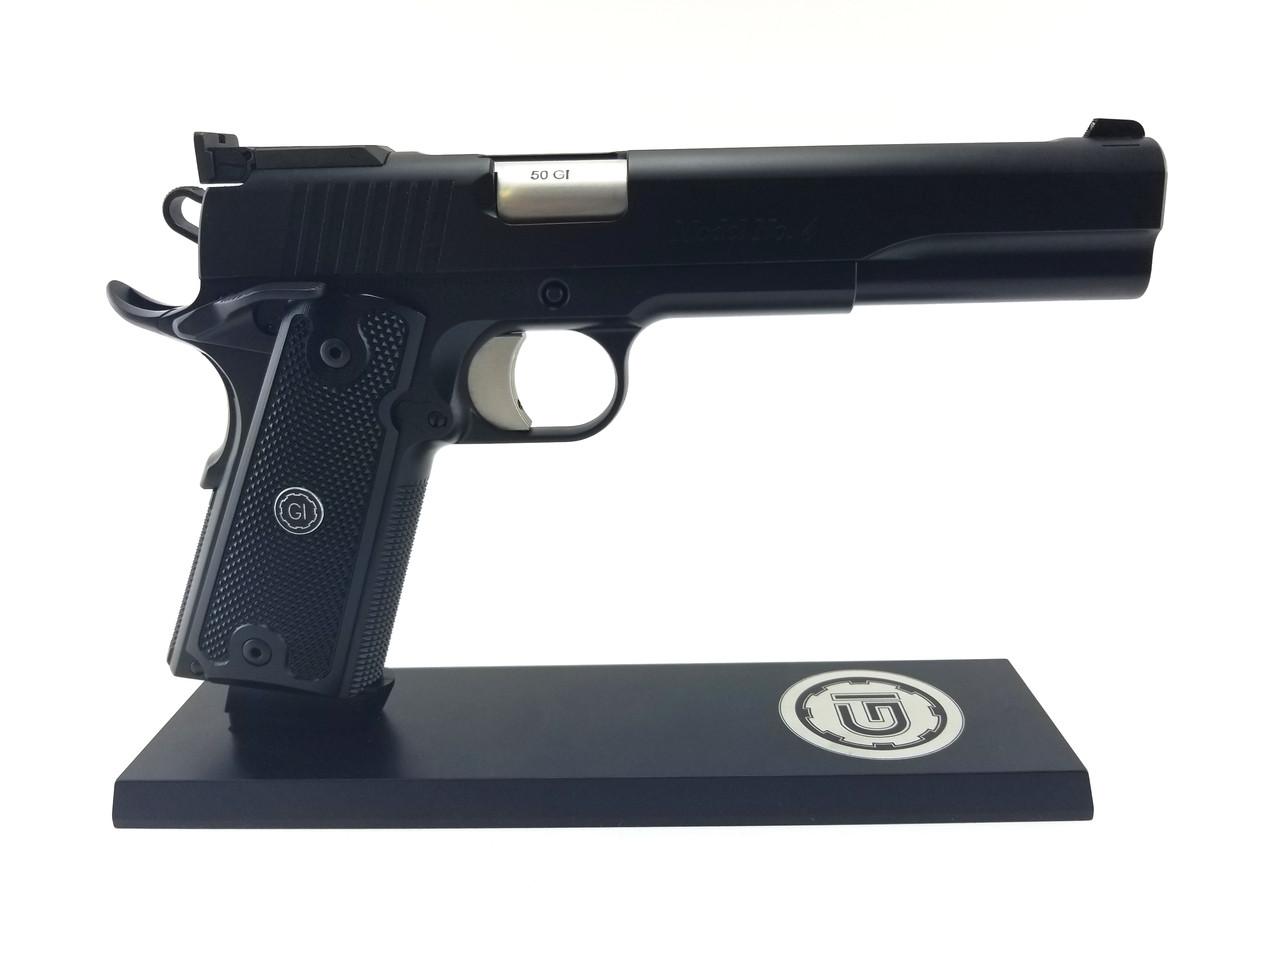 Model 4  50 GI™